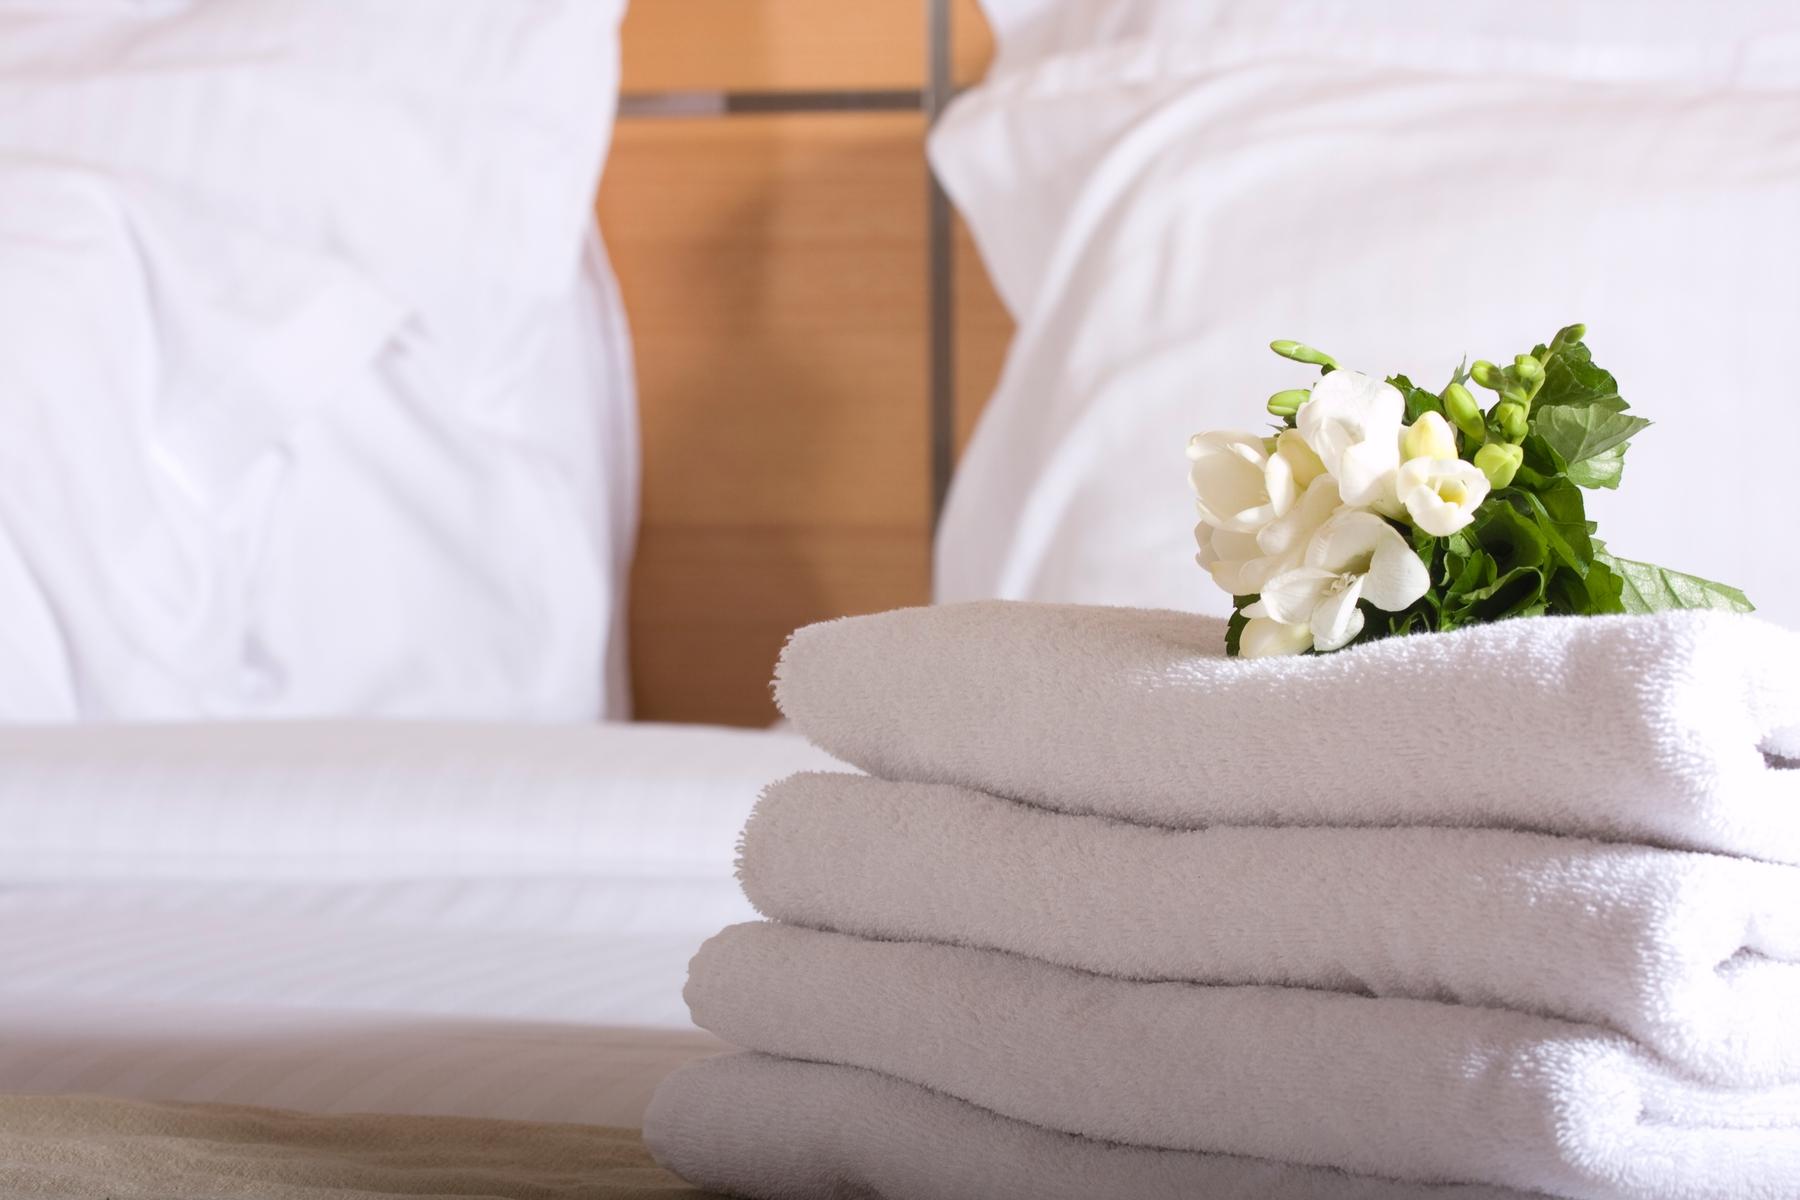 Hotelaufenthalte in Coronazeiten